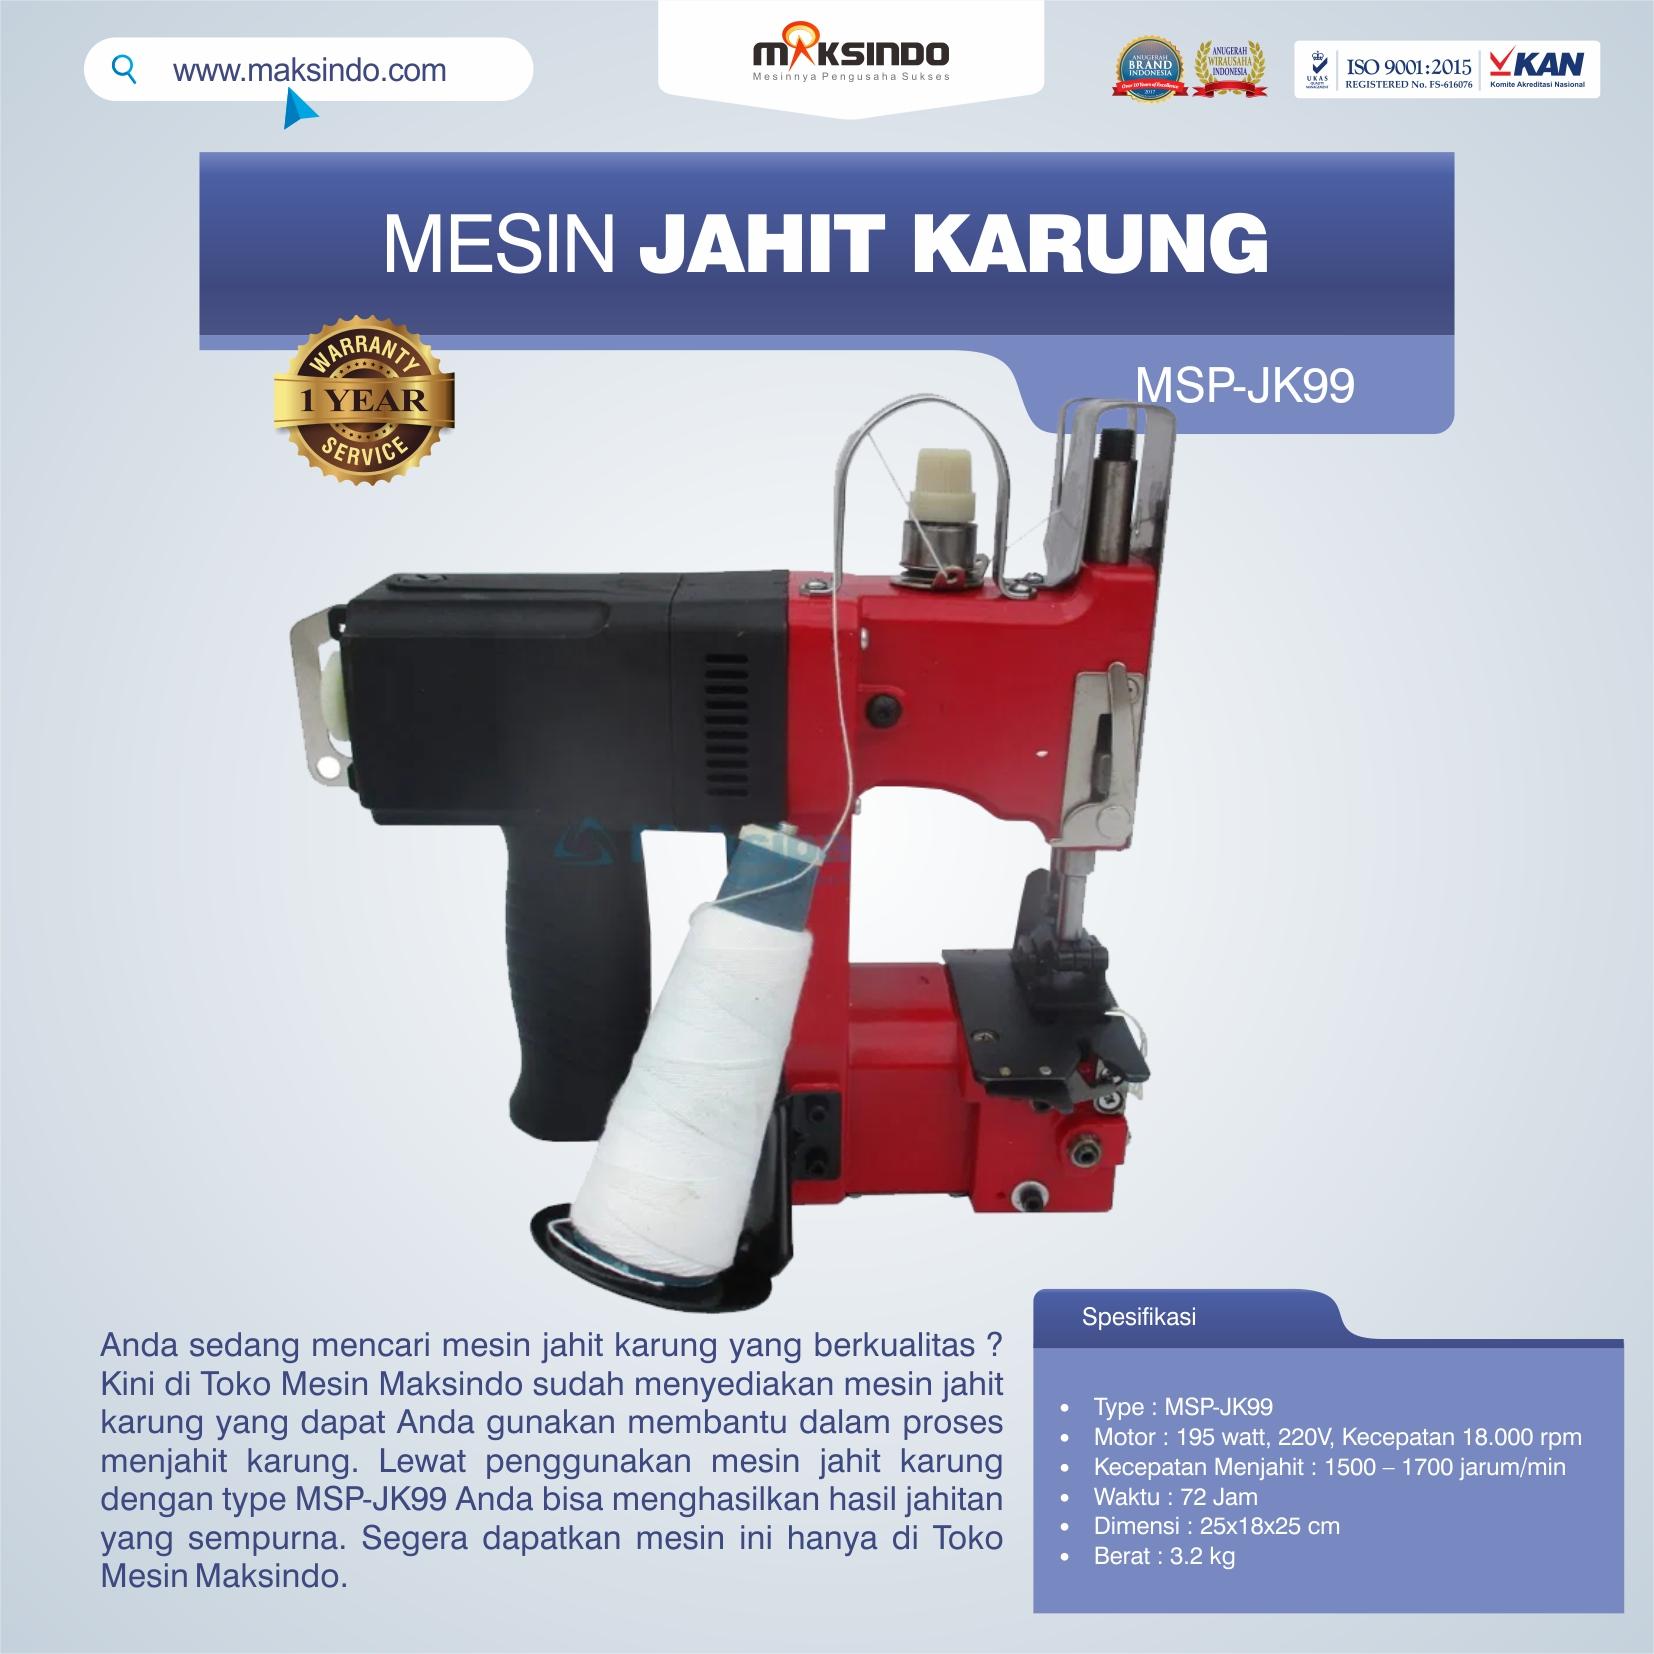 Mesin Jahit Karung MSP-JK99